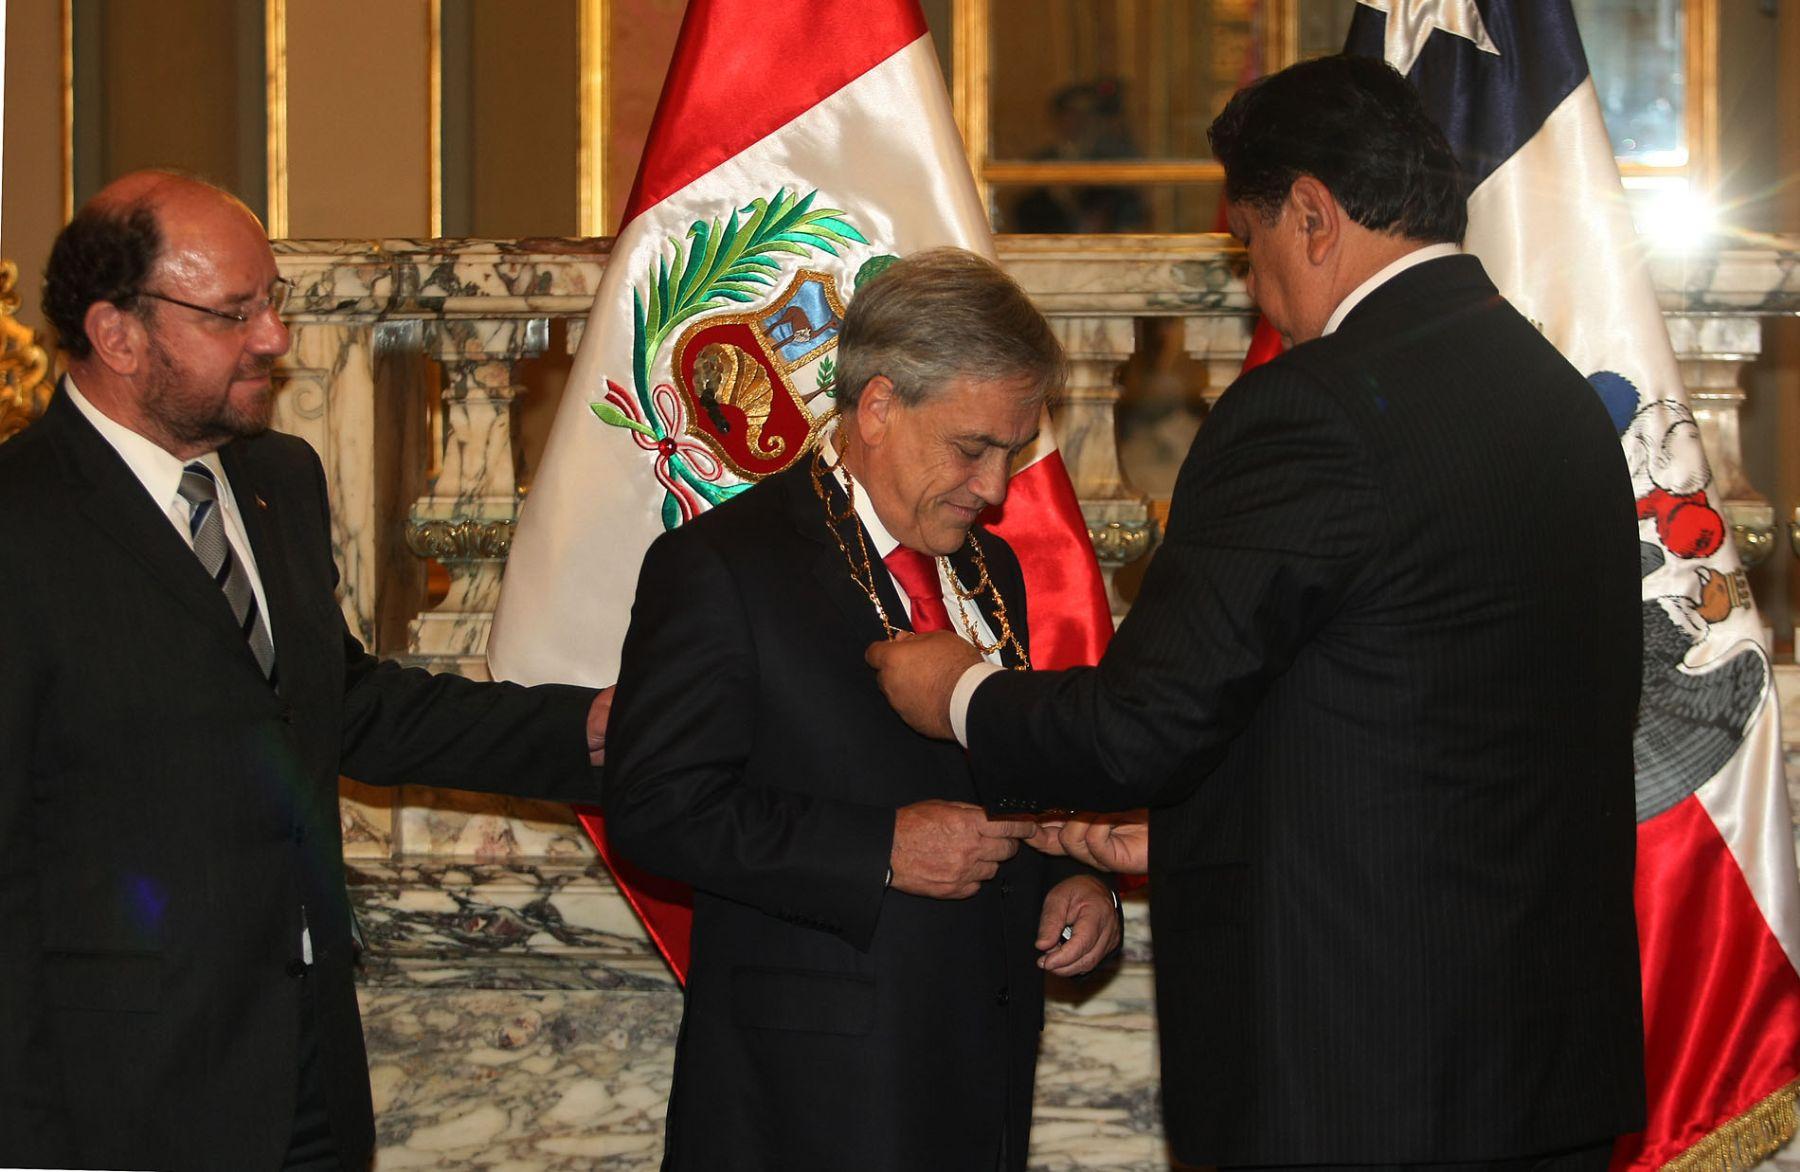 El Jefe del Estado, Alan García, condecora al presidente de Chile, Sebastián Piñera, con el Gran Collar de la Orden El Sol del Perú en el Grado de Gran Cruz con Brillantes. Foto: ANDINA/Vidal Tarqui.